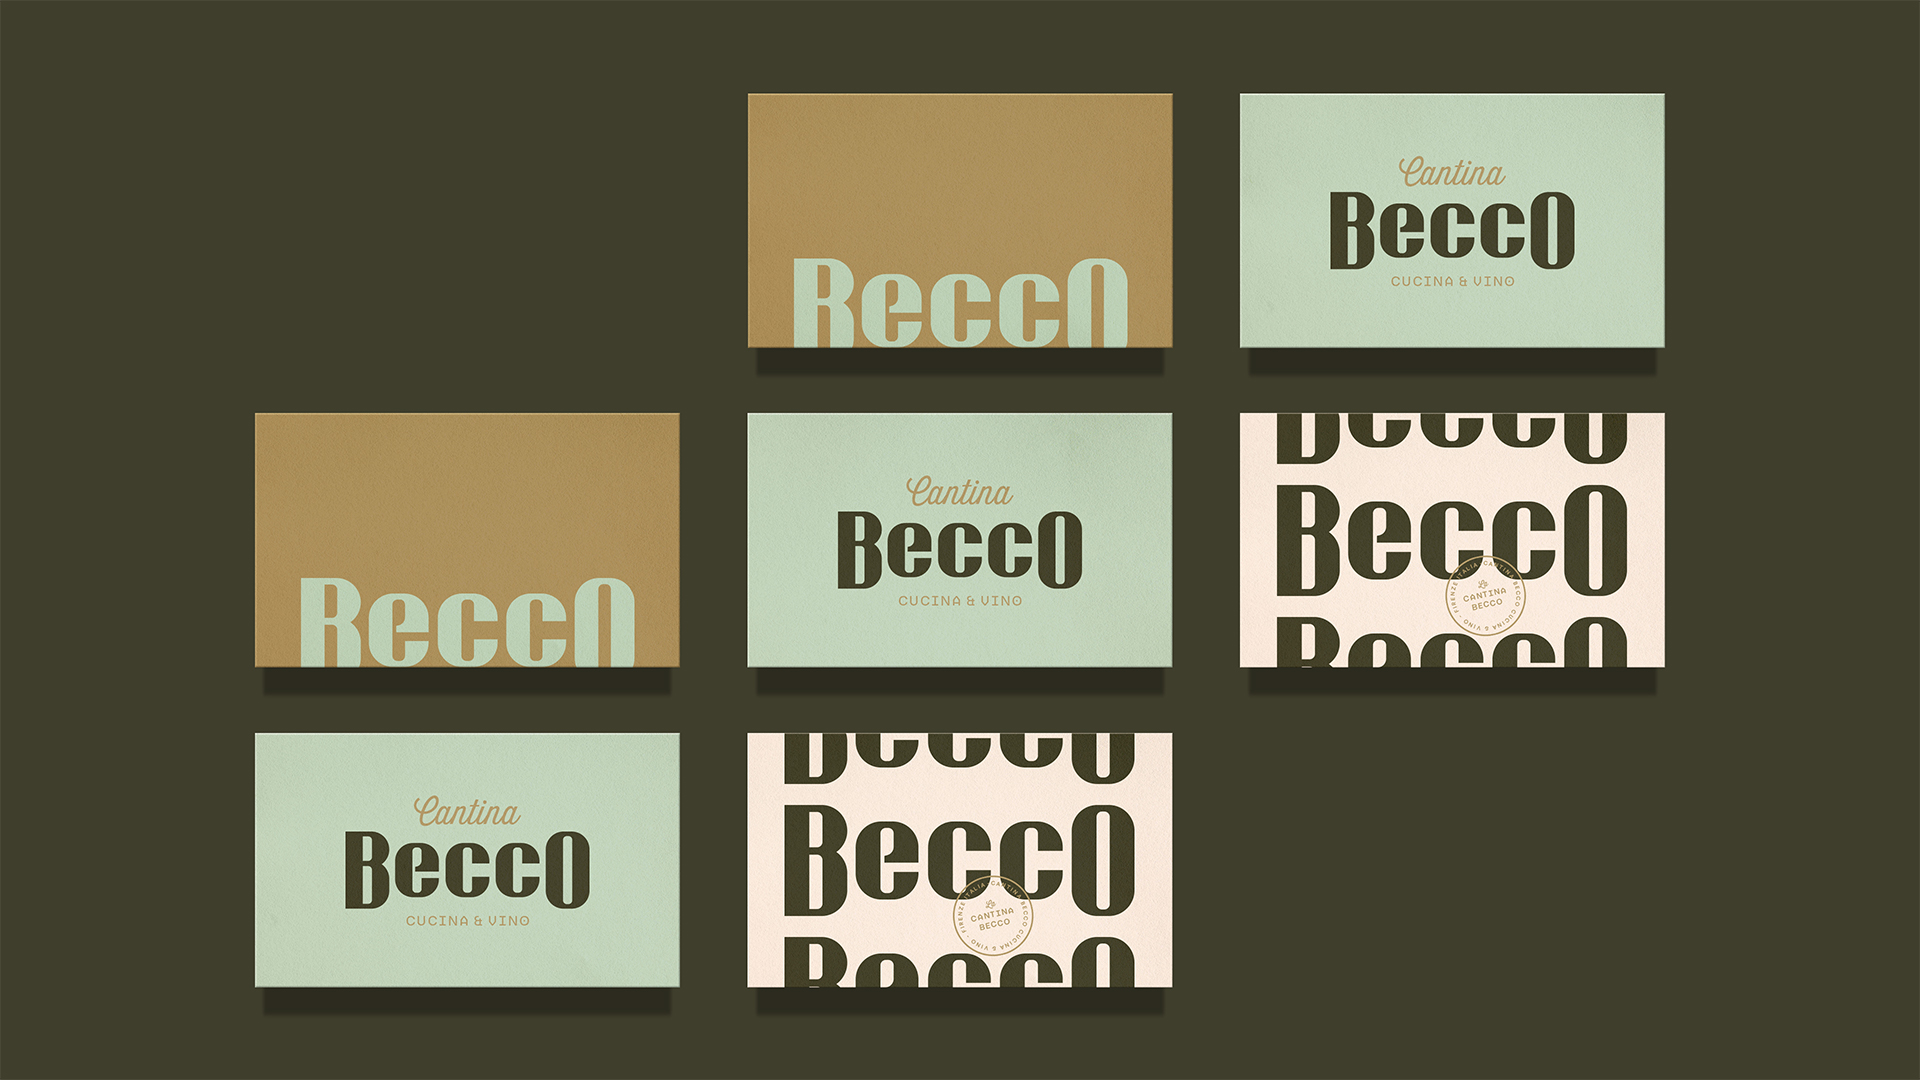 Matheus Nogari Creates Brand for Cantina Becco